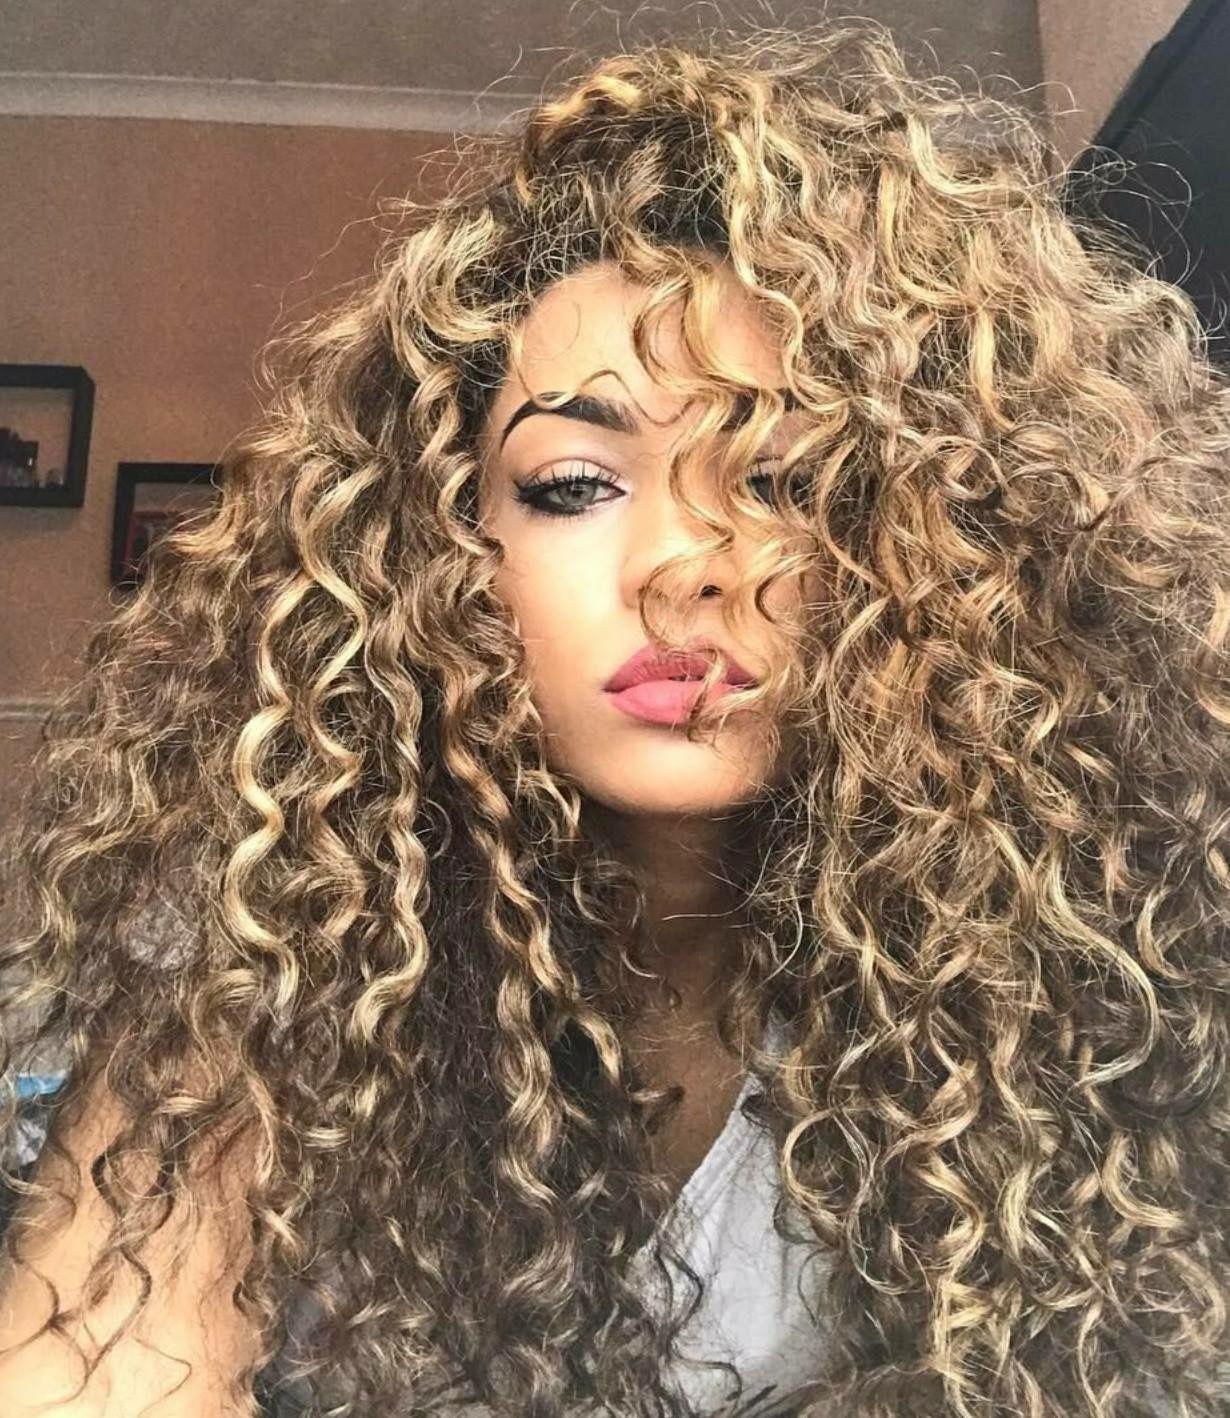 Lockige Blonde Frisuren Neu Haar Frisuren 2018 Hair Styles Curly Hair Styles Long Hair Styles